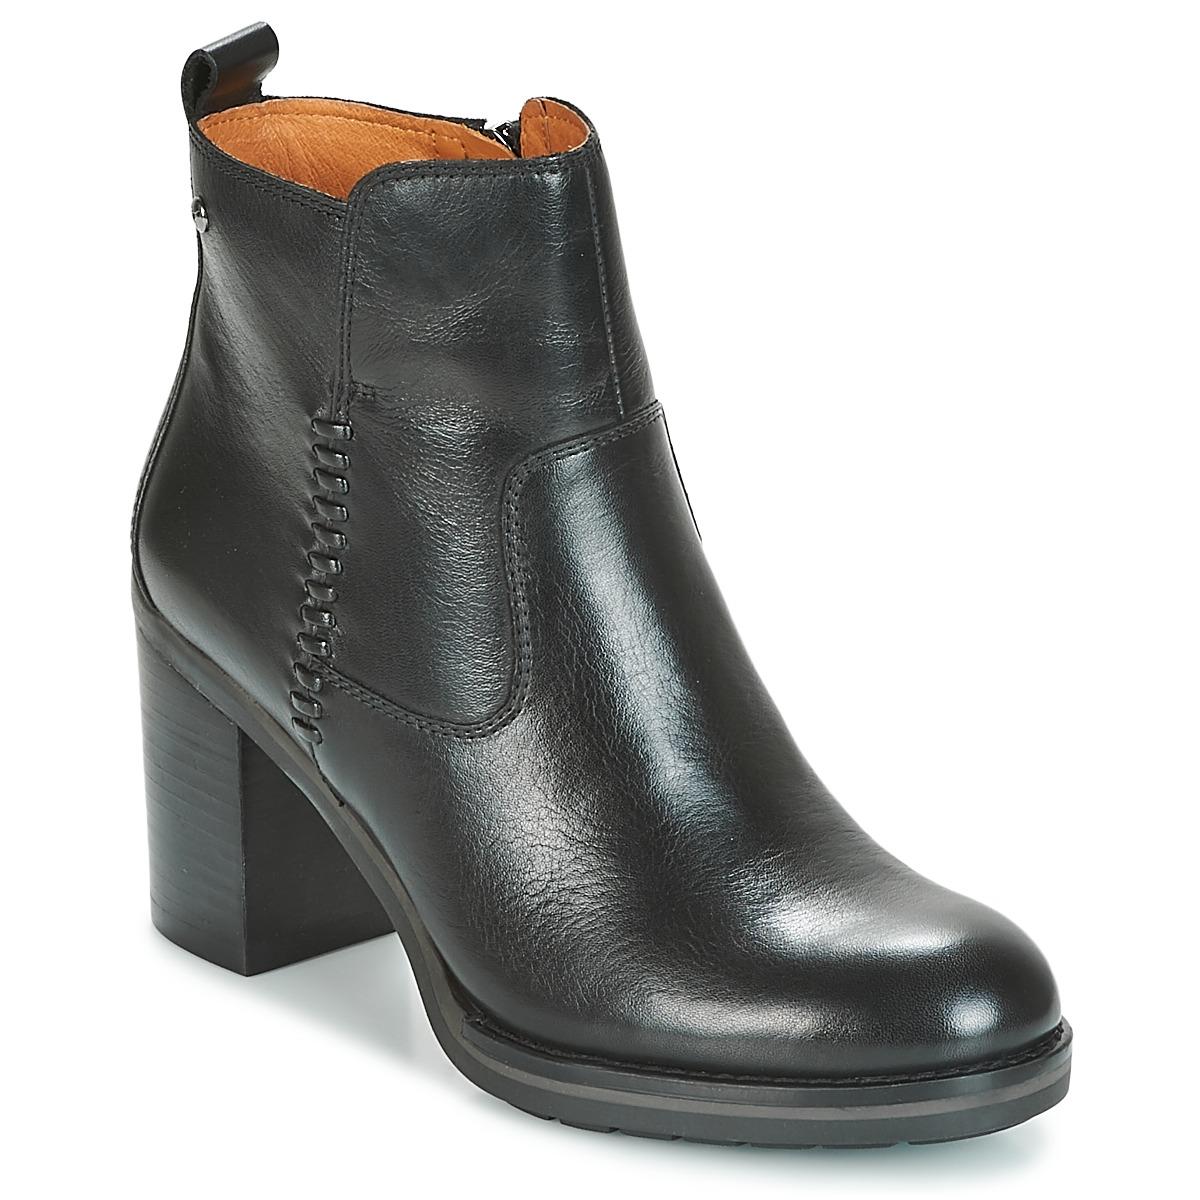 Pikolinos POMPEYA W9T Schwarz - Kostenloser Versand bei Spartoode ! - Schuhe Low Boots Damen 119,00 €